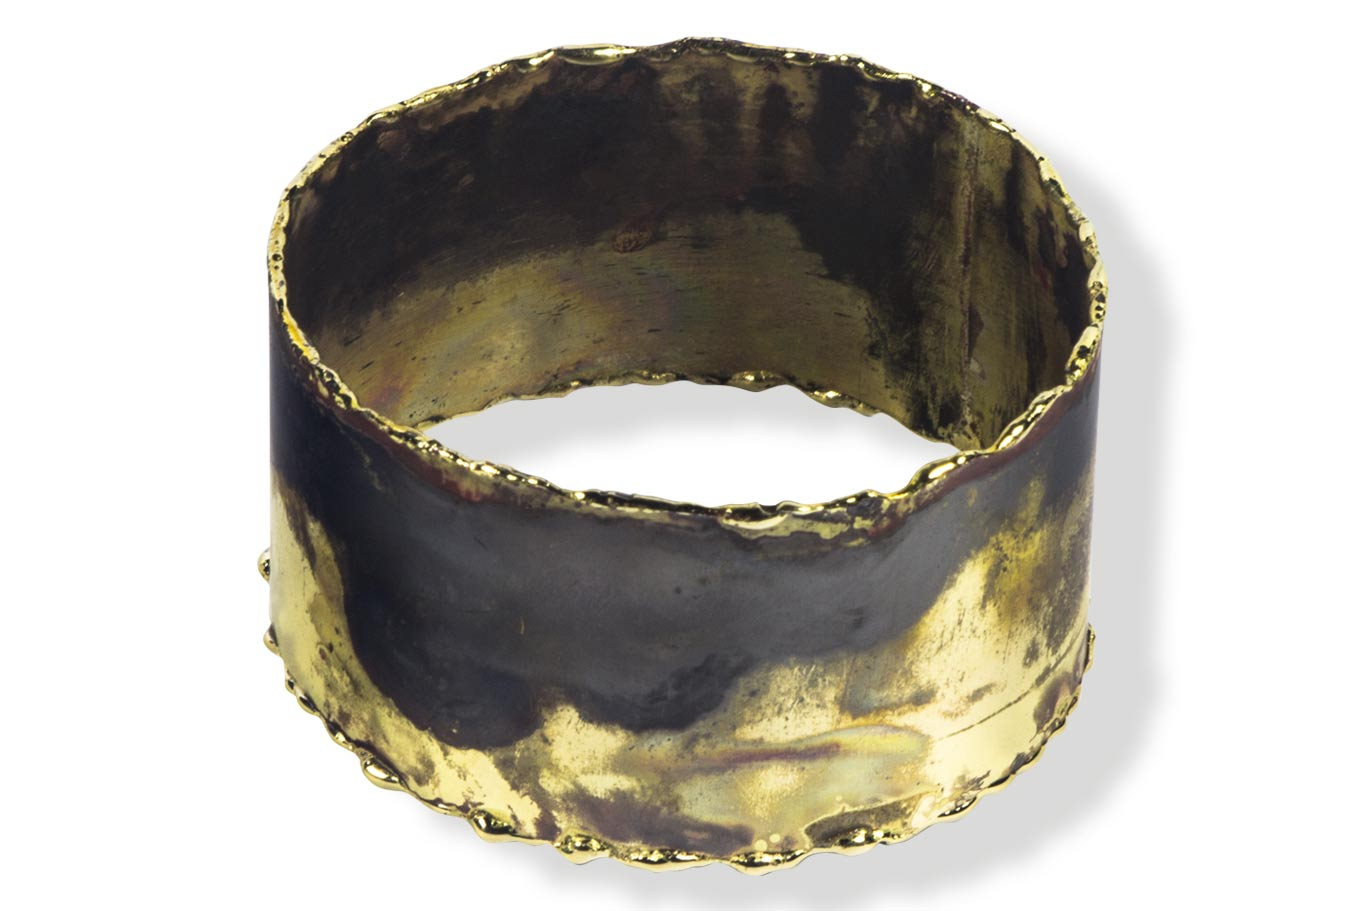 Bracelet laiton avec une patine naturelle incrustée dans la matière